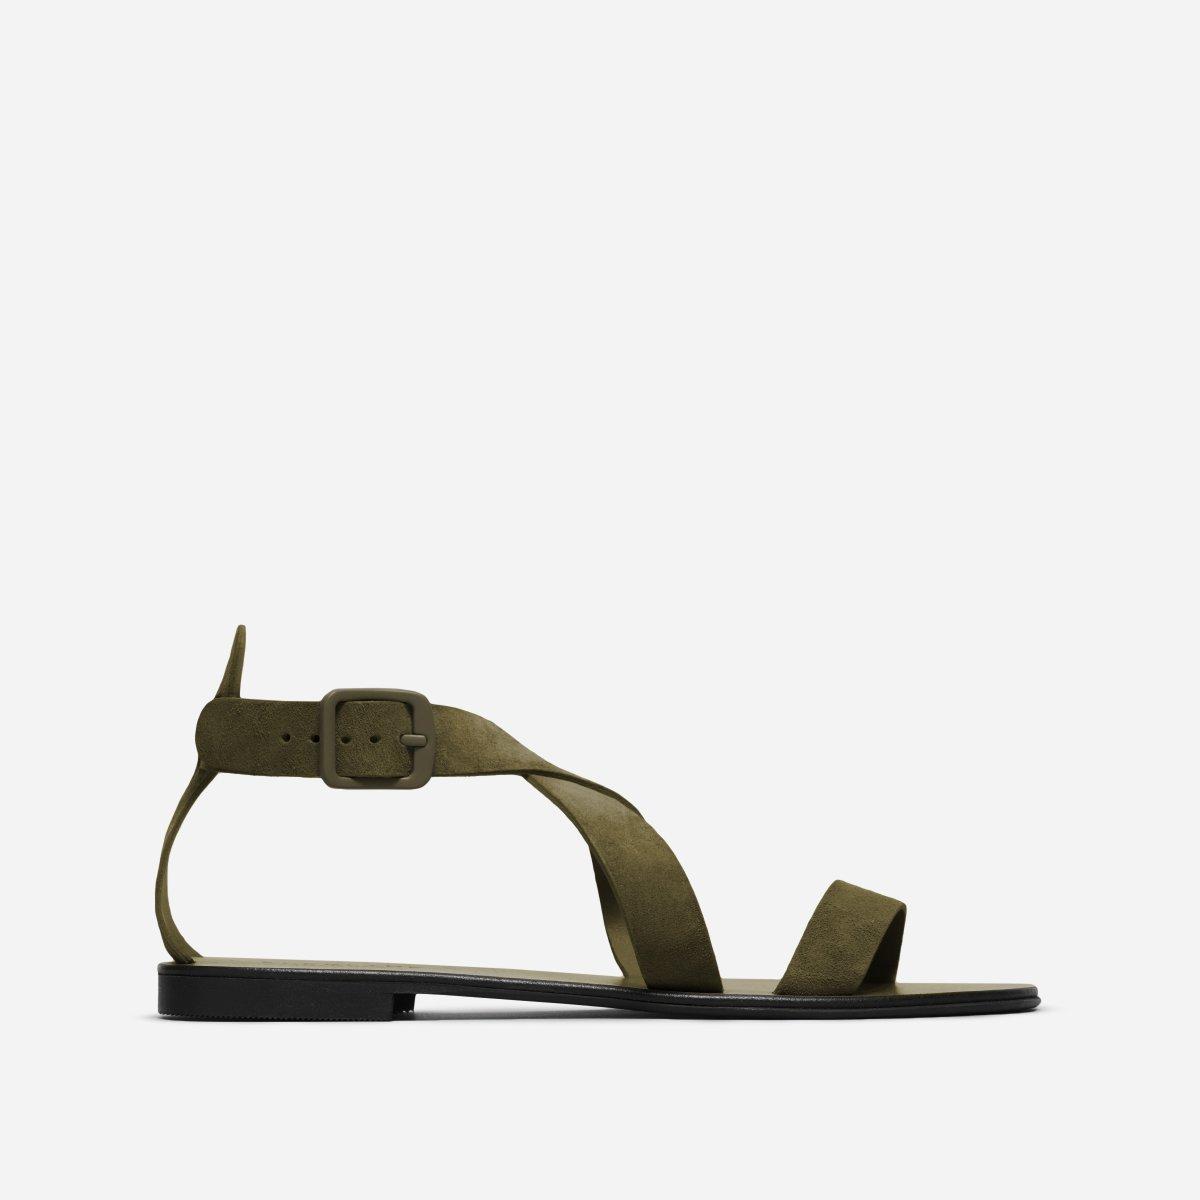 The Modern Wrap Sandal